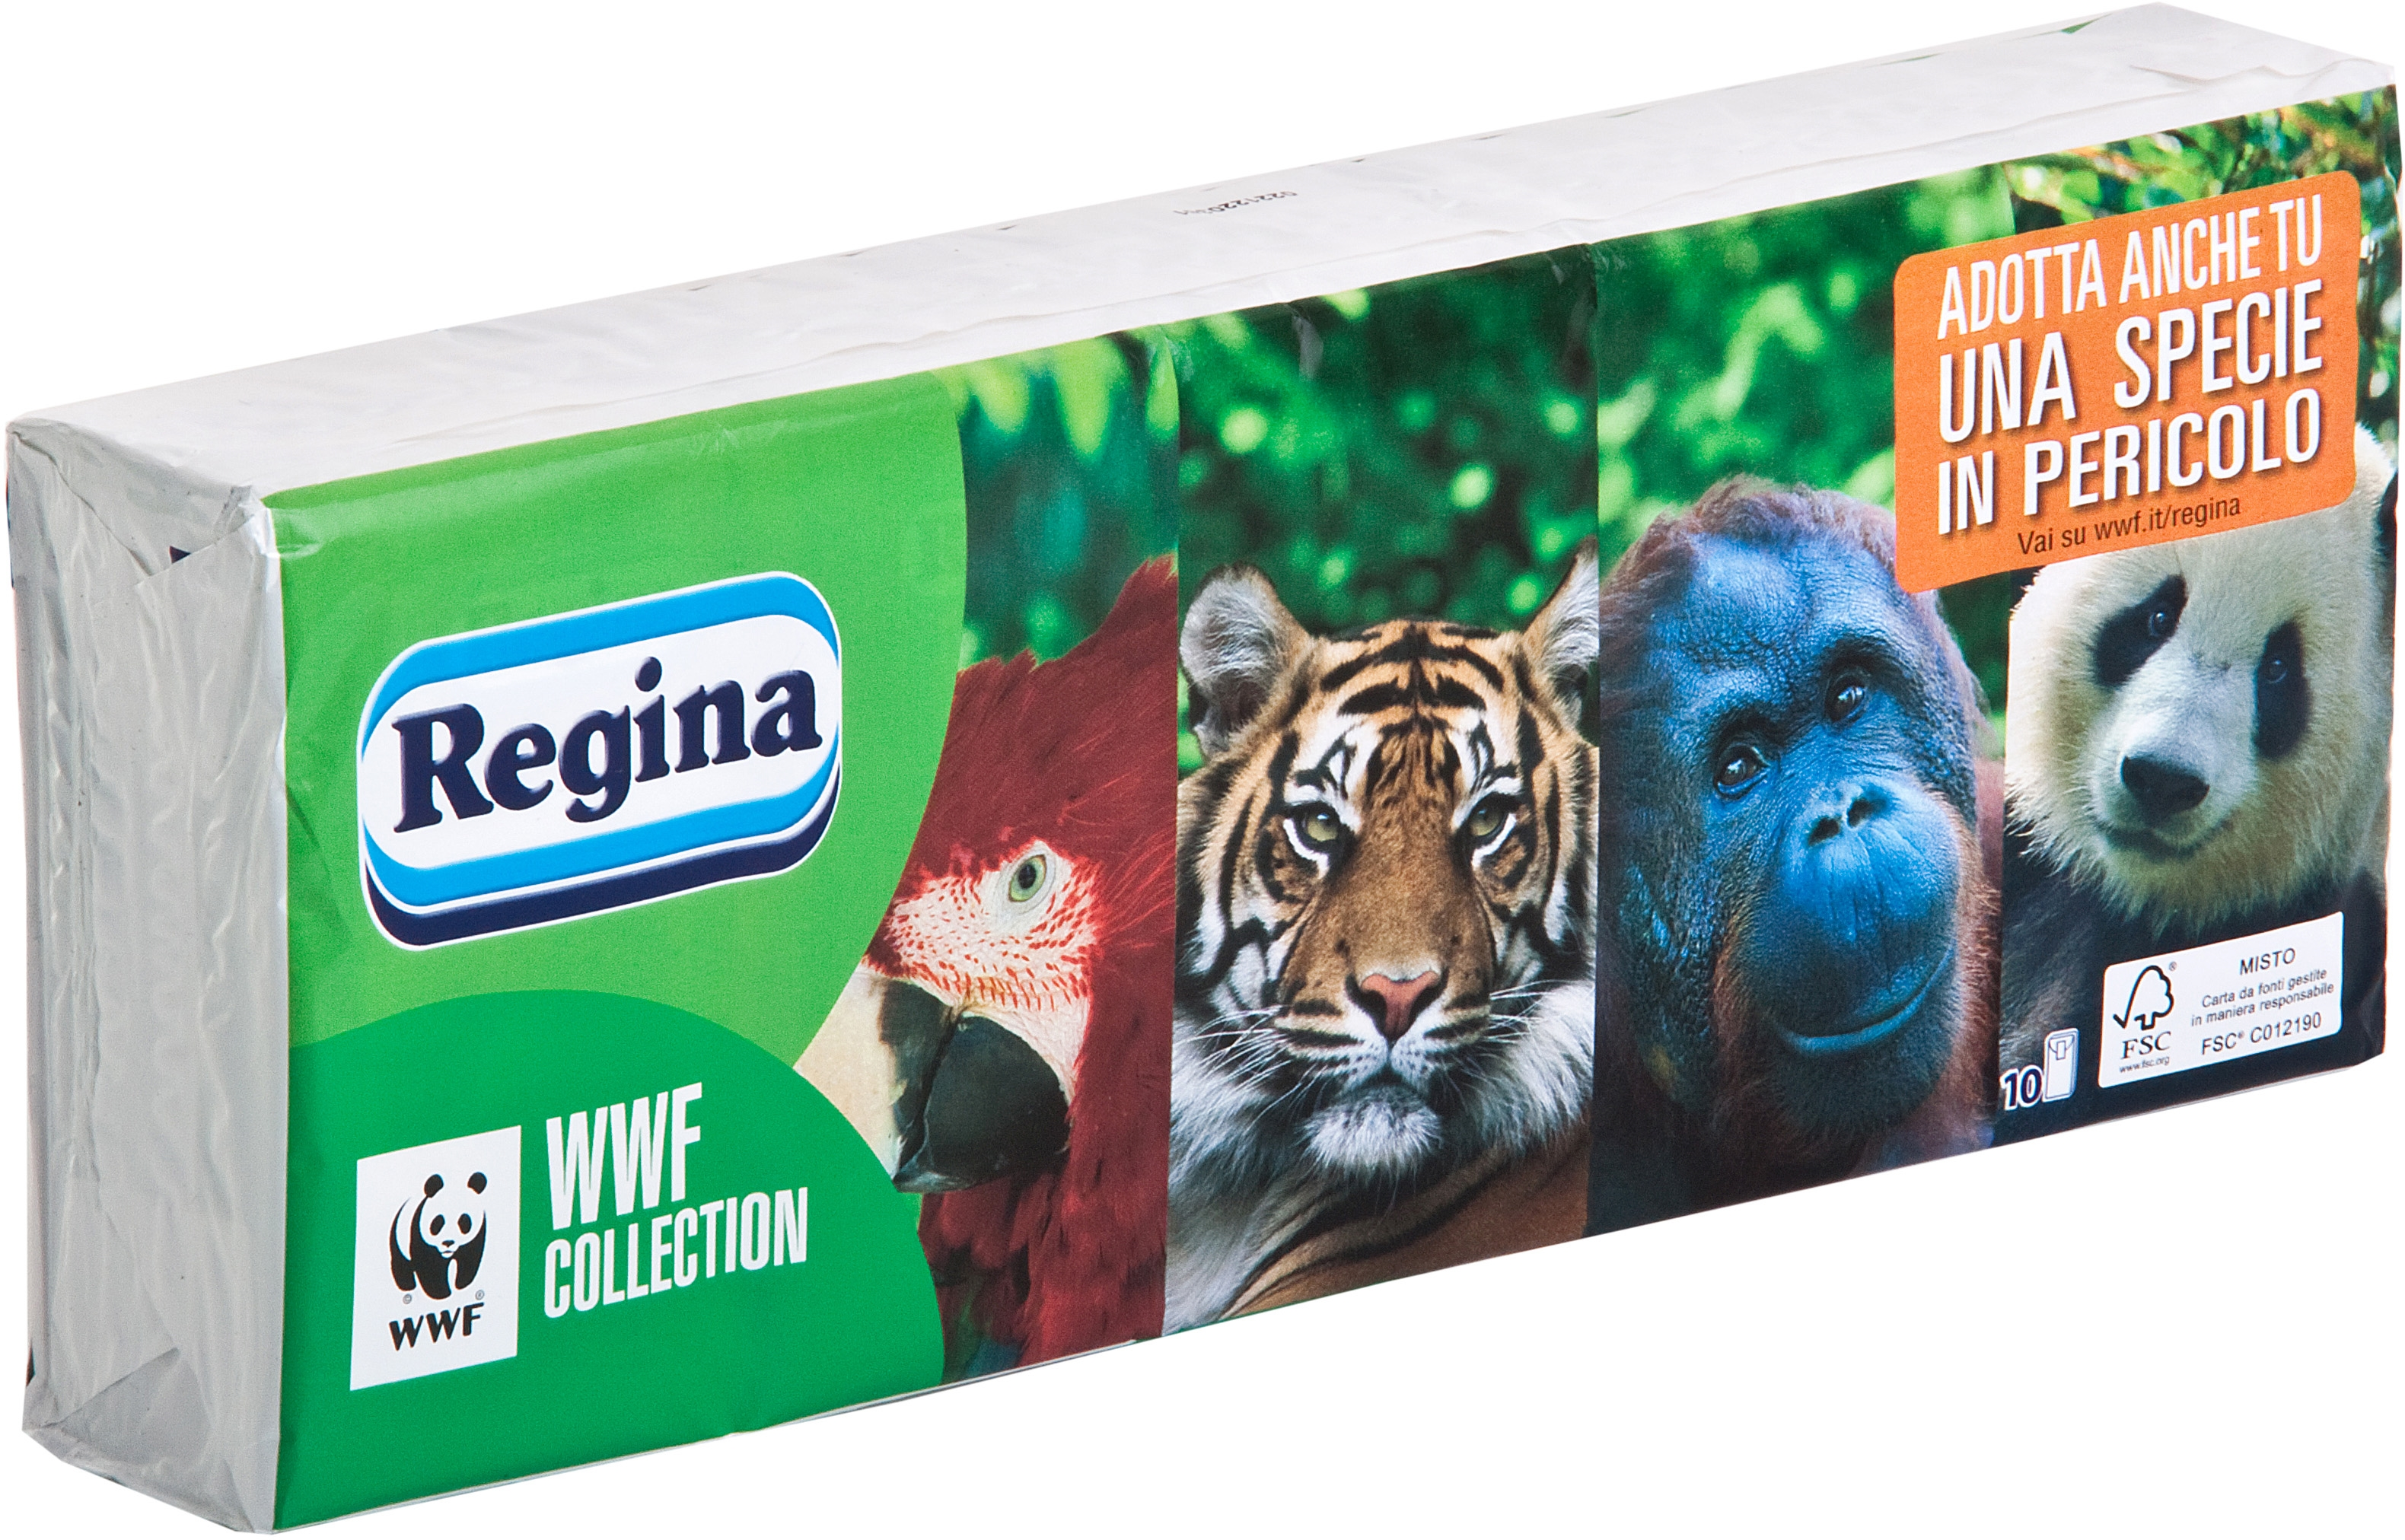 design professionale moda tecnologia avanzata REGINA fazzoletti di carta ecologici